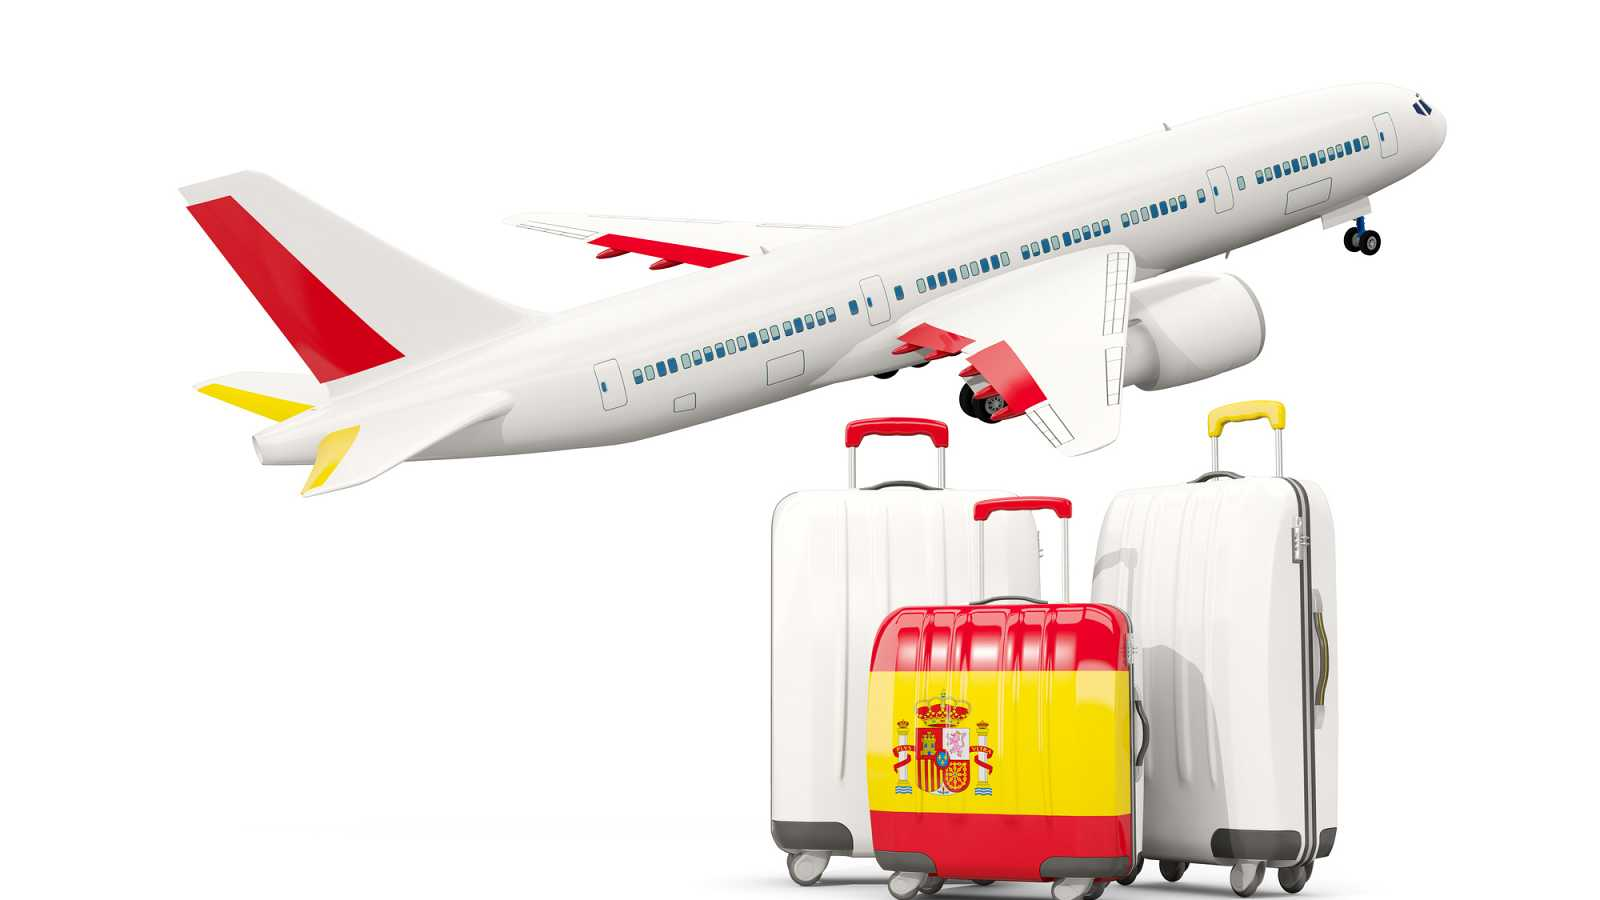 Marca España - Cómo elaborar un plan de retorno para emigrantes españoles - 21/06/17 - escuchar ahora